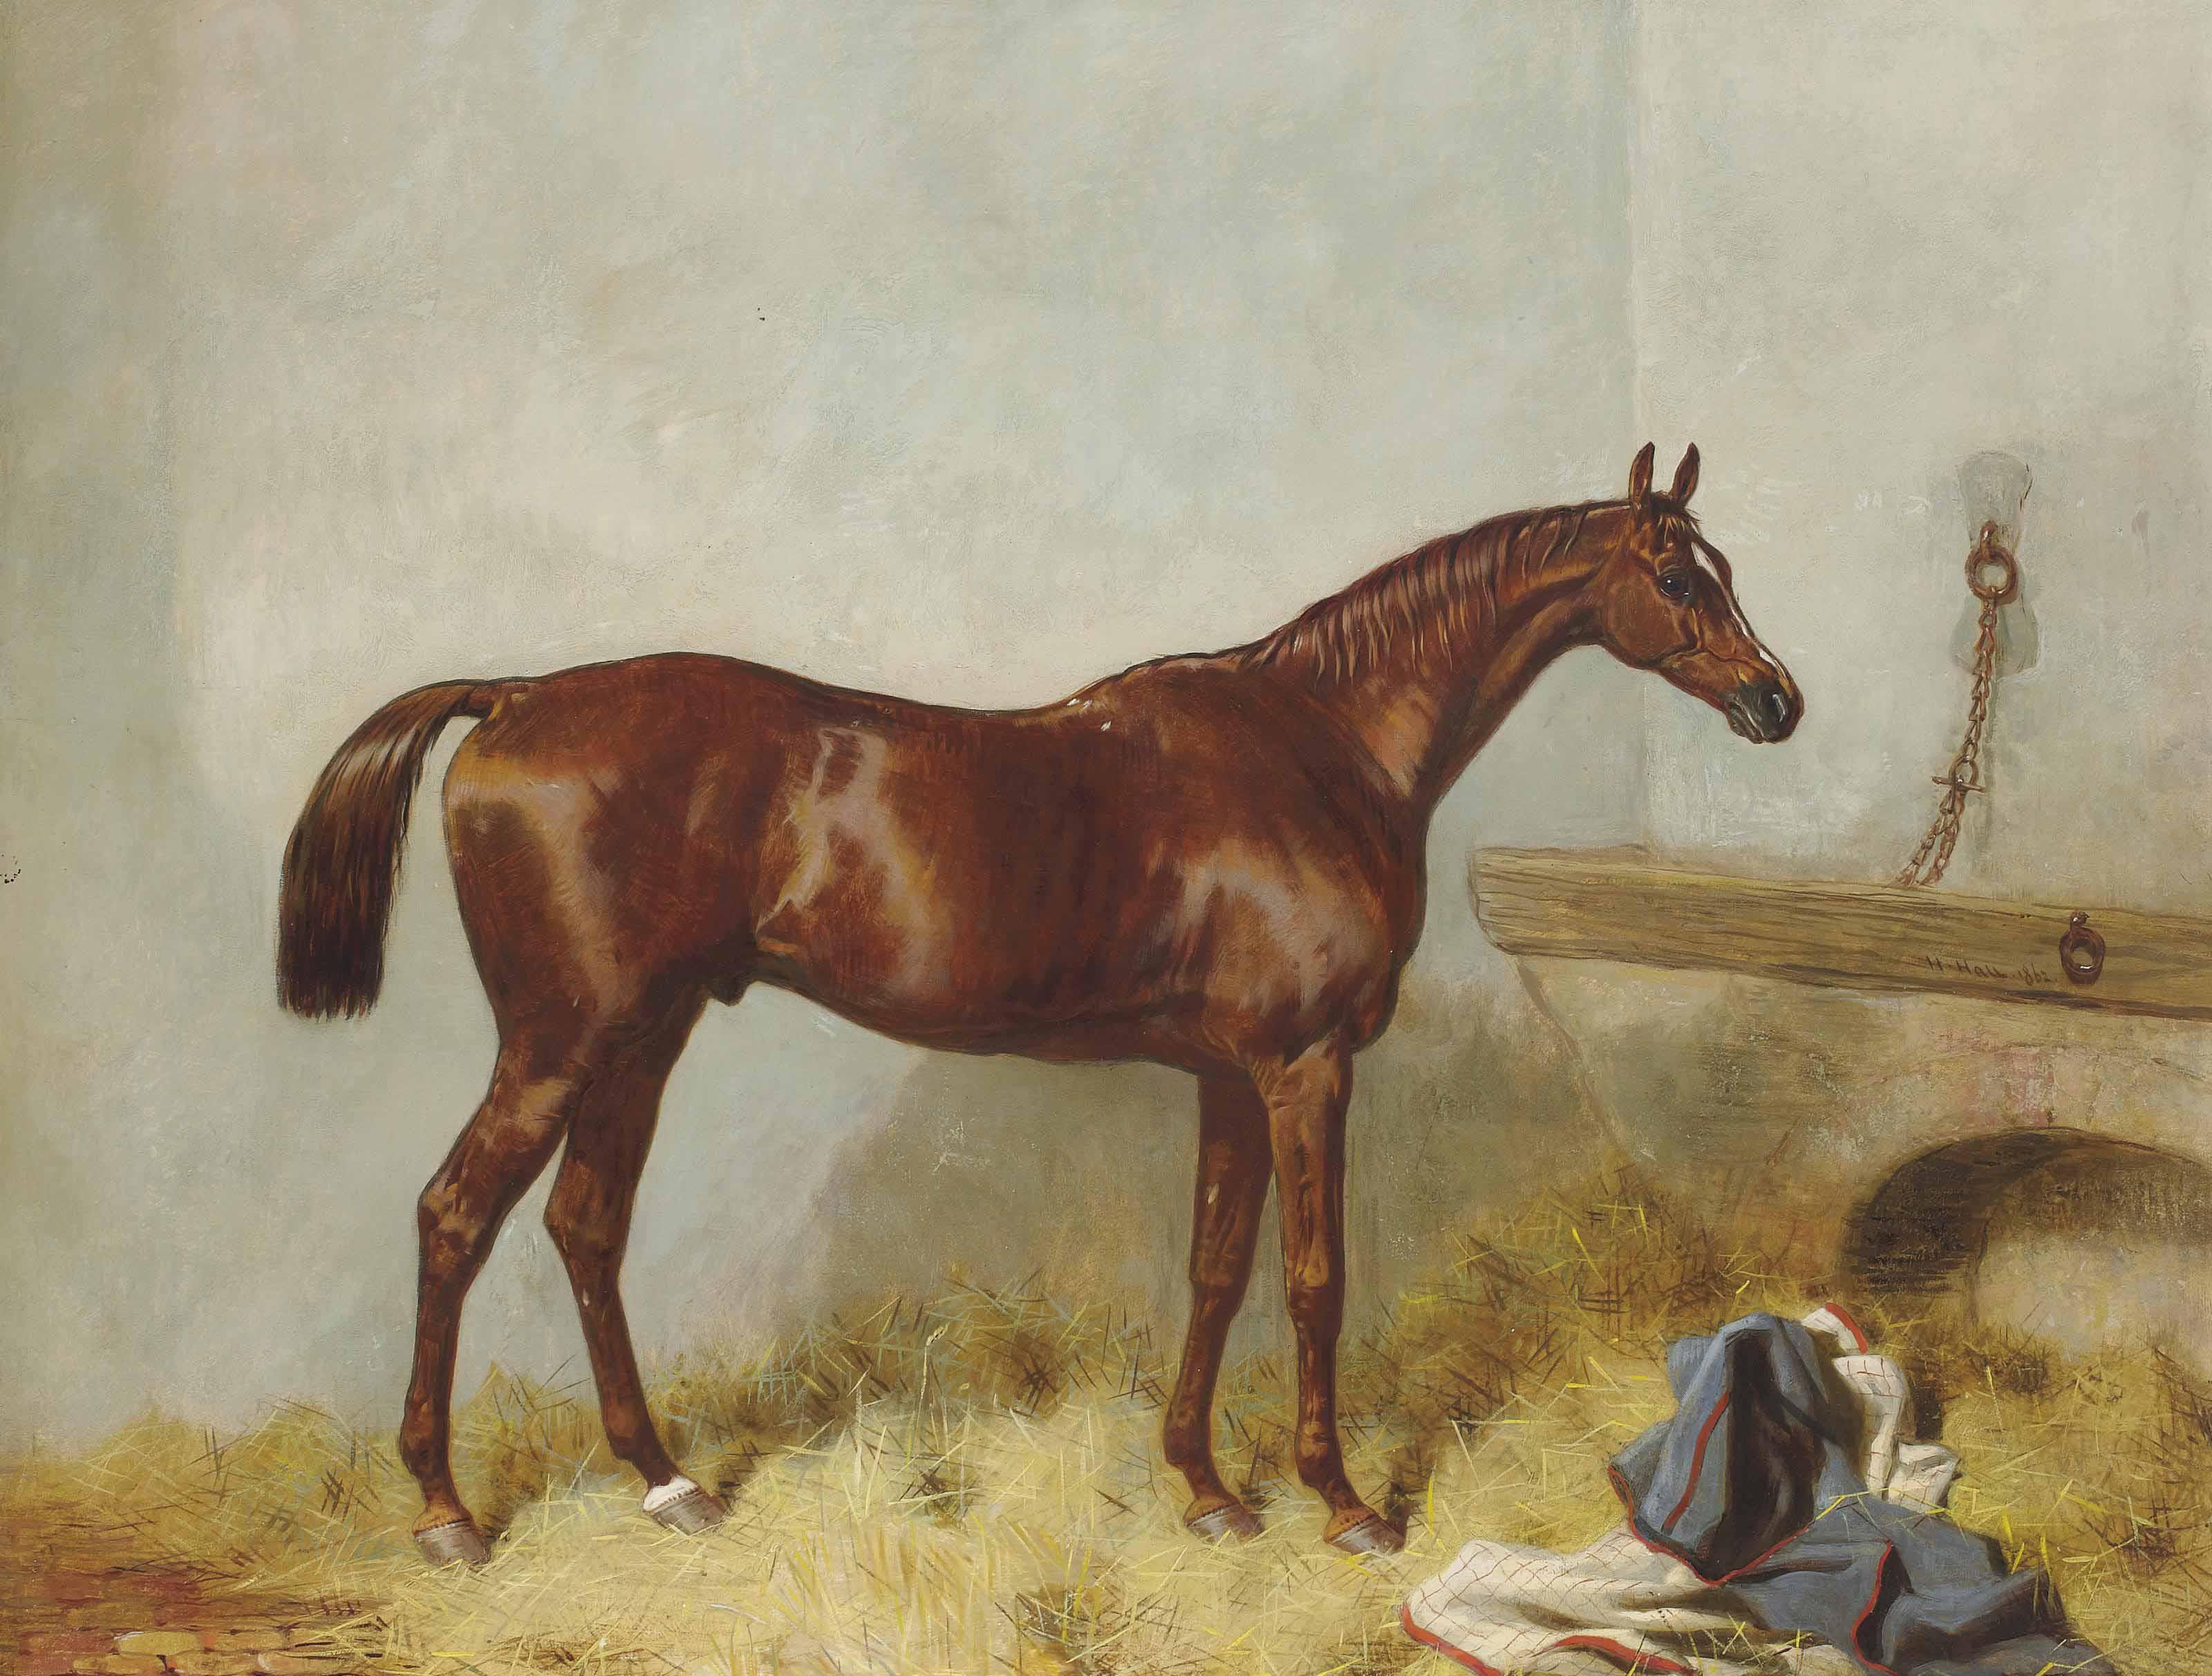 Un cheval alezan dans une étable